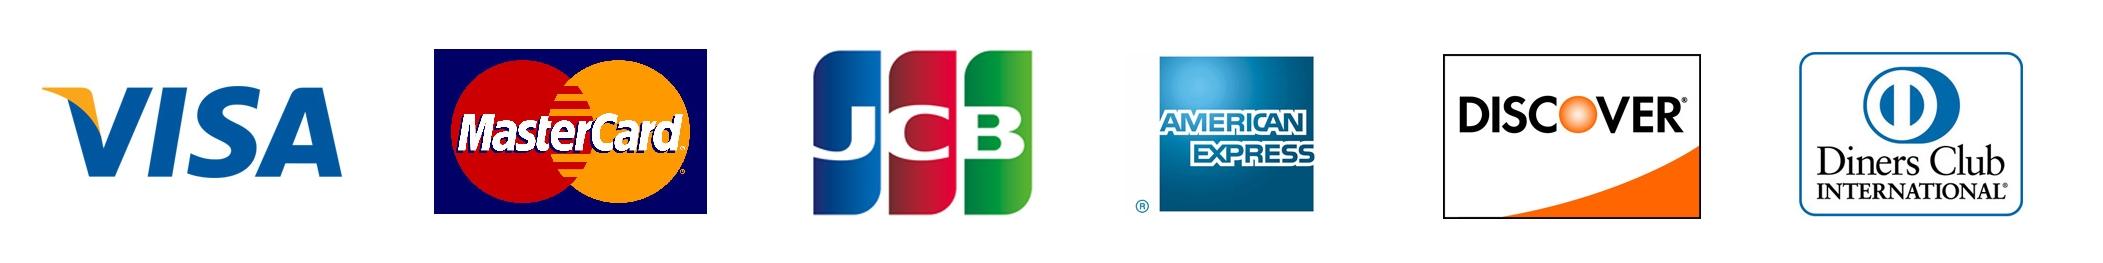 VISA(ビザカード)、MasterCard(マスターカード)、American Express(アメックス)、JCB(ジェーシービーカード)、Diners Club(ダイナーズクラブ)、Discover(ディスカバーカード)、JCB(ジェーシービーカード)、Diners Club(ダイナーズクラブ)、Discover(ディスカバーカード)